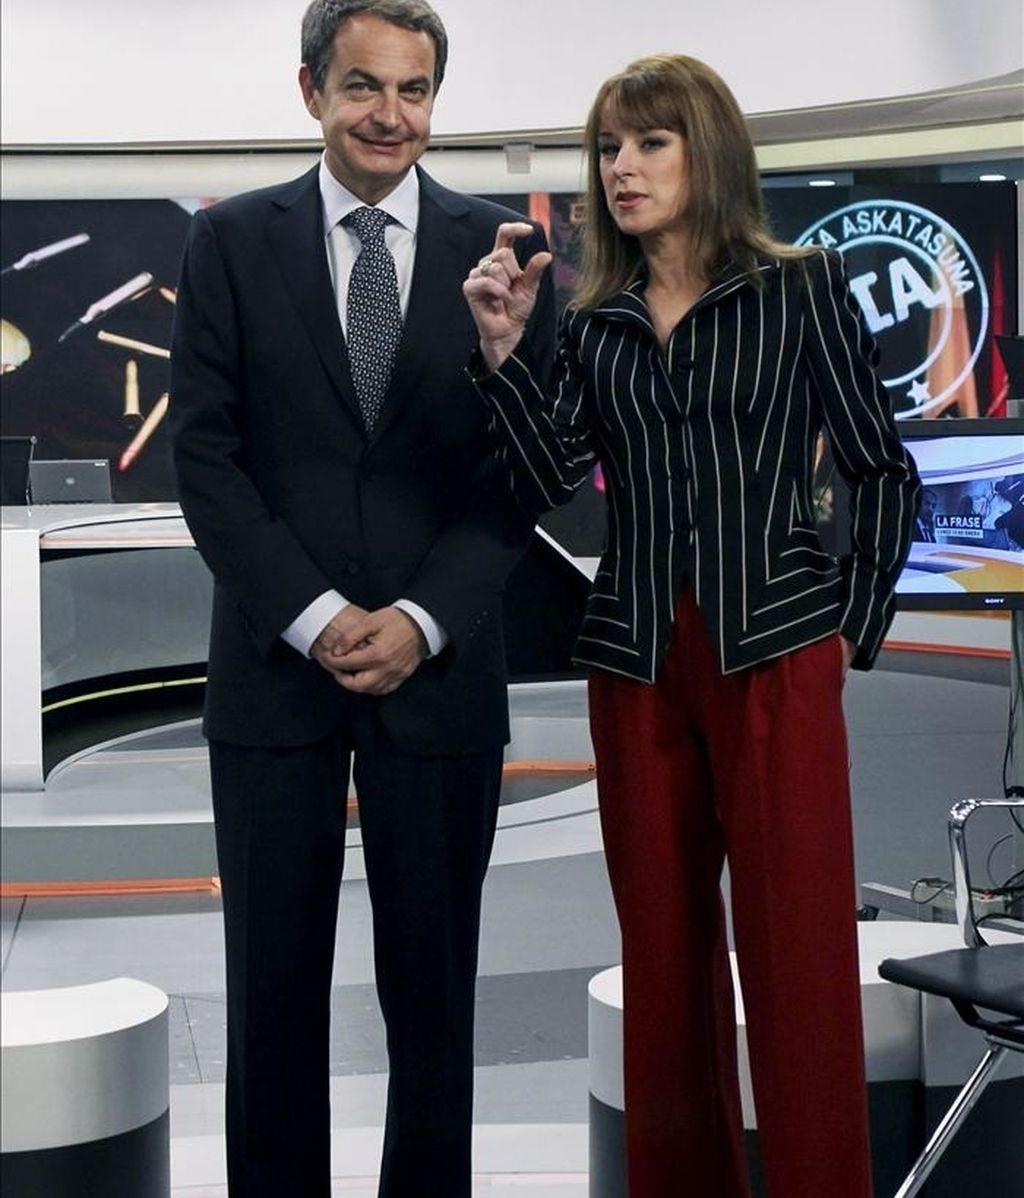 José Luis Rodriguez Zapatero, acompañado por la directora de informativos de Antena 3, Gloria Lomana, en los momentos previos a la entrevista que el presidente del gobierno. EFE